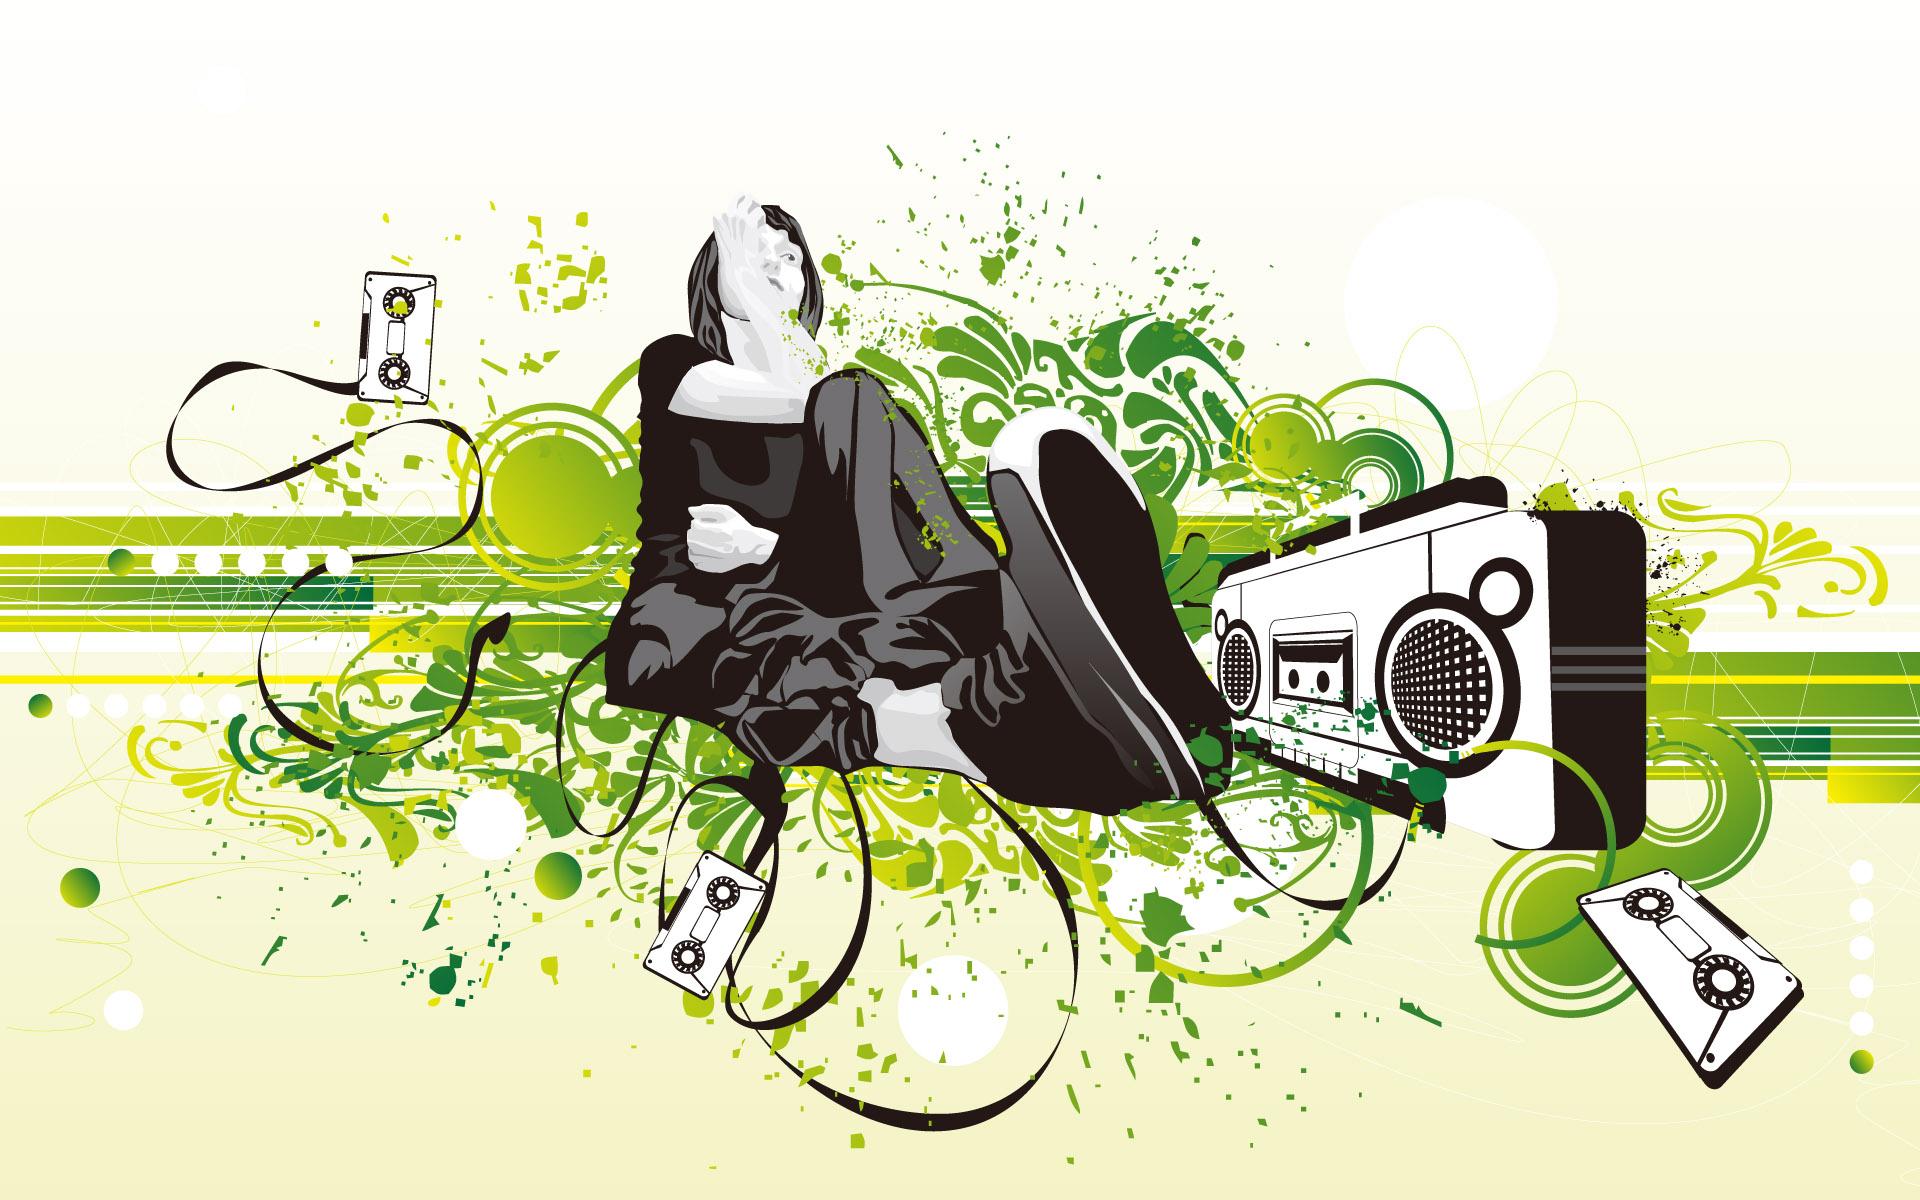 Картинка с музыкой онлайн сделать, заведующей